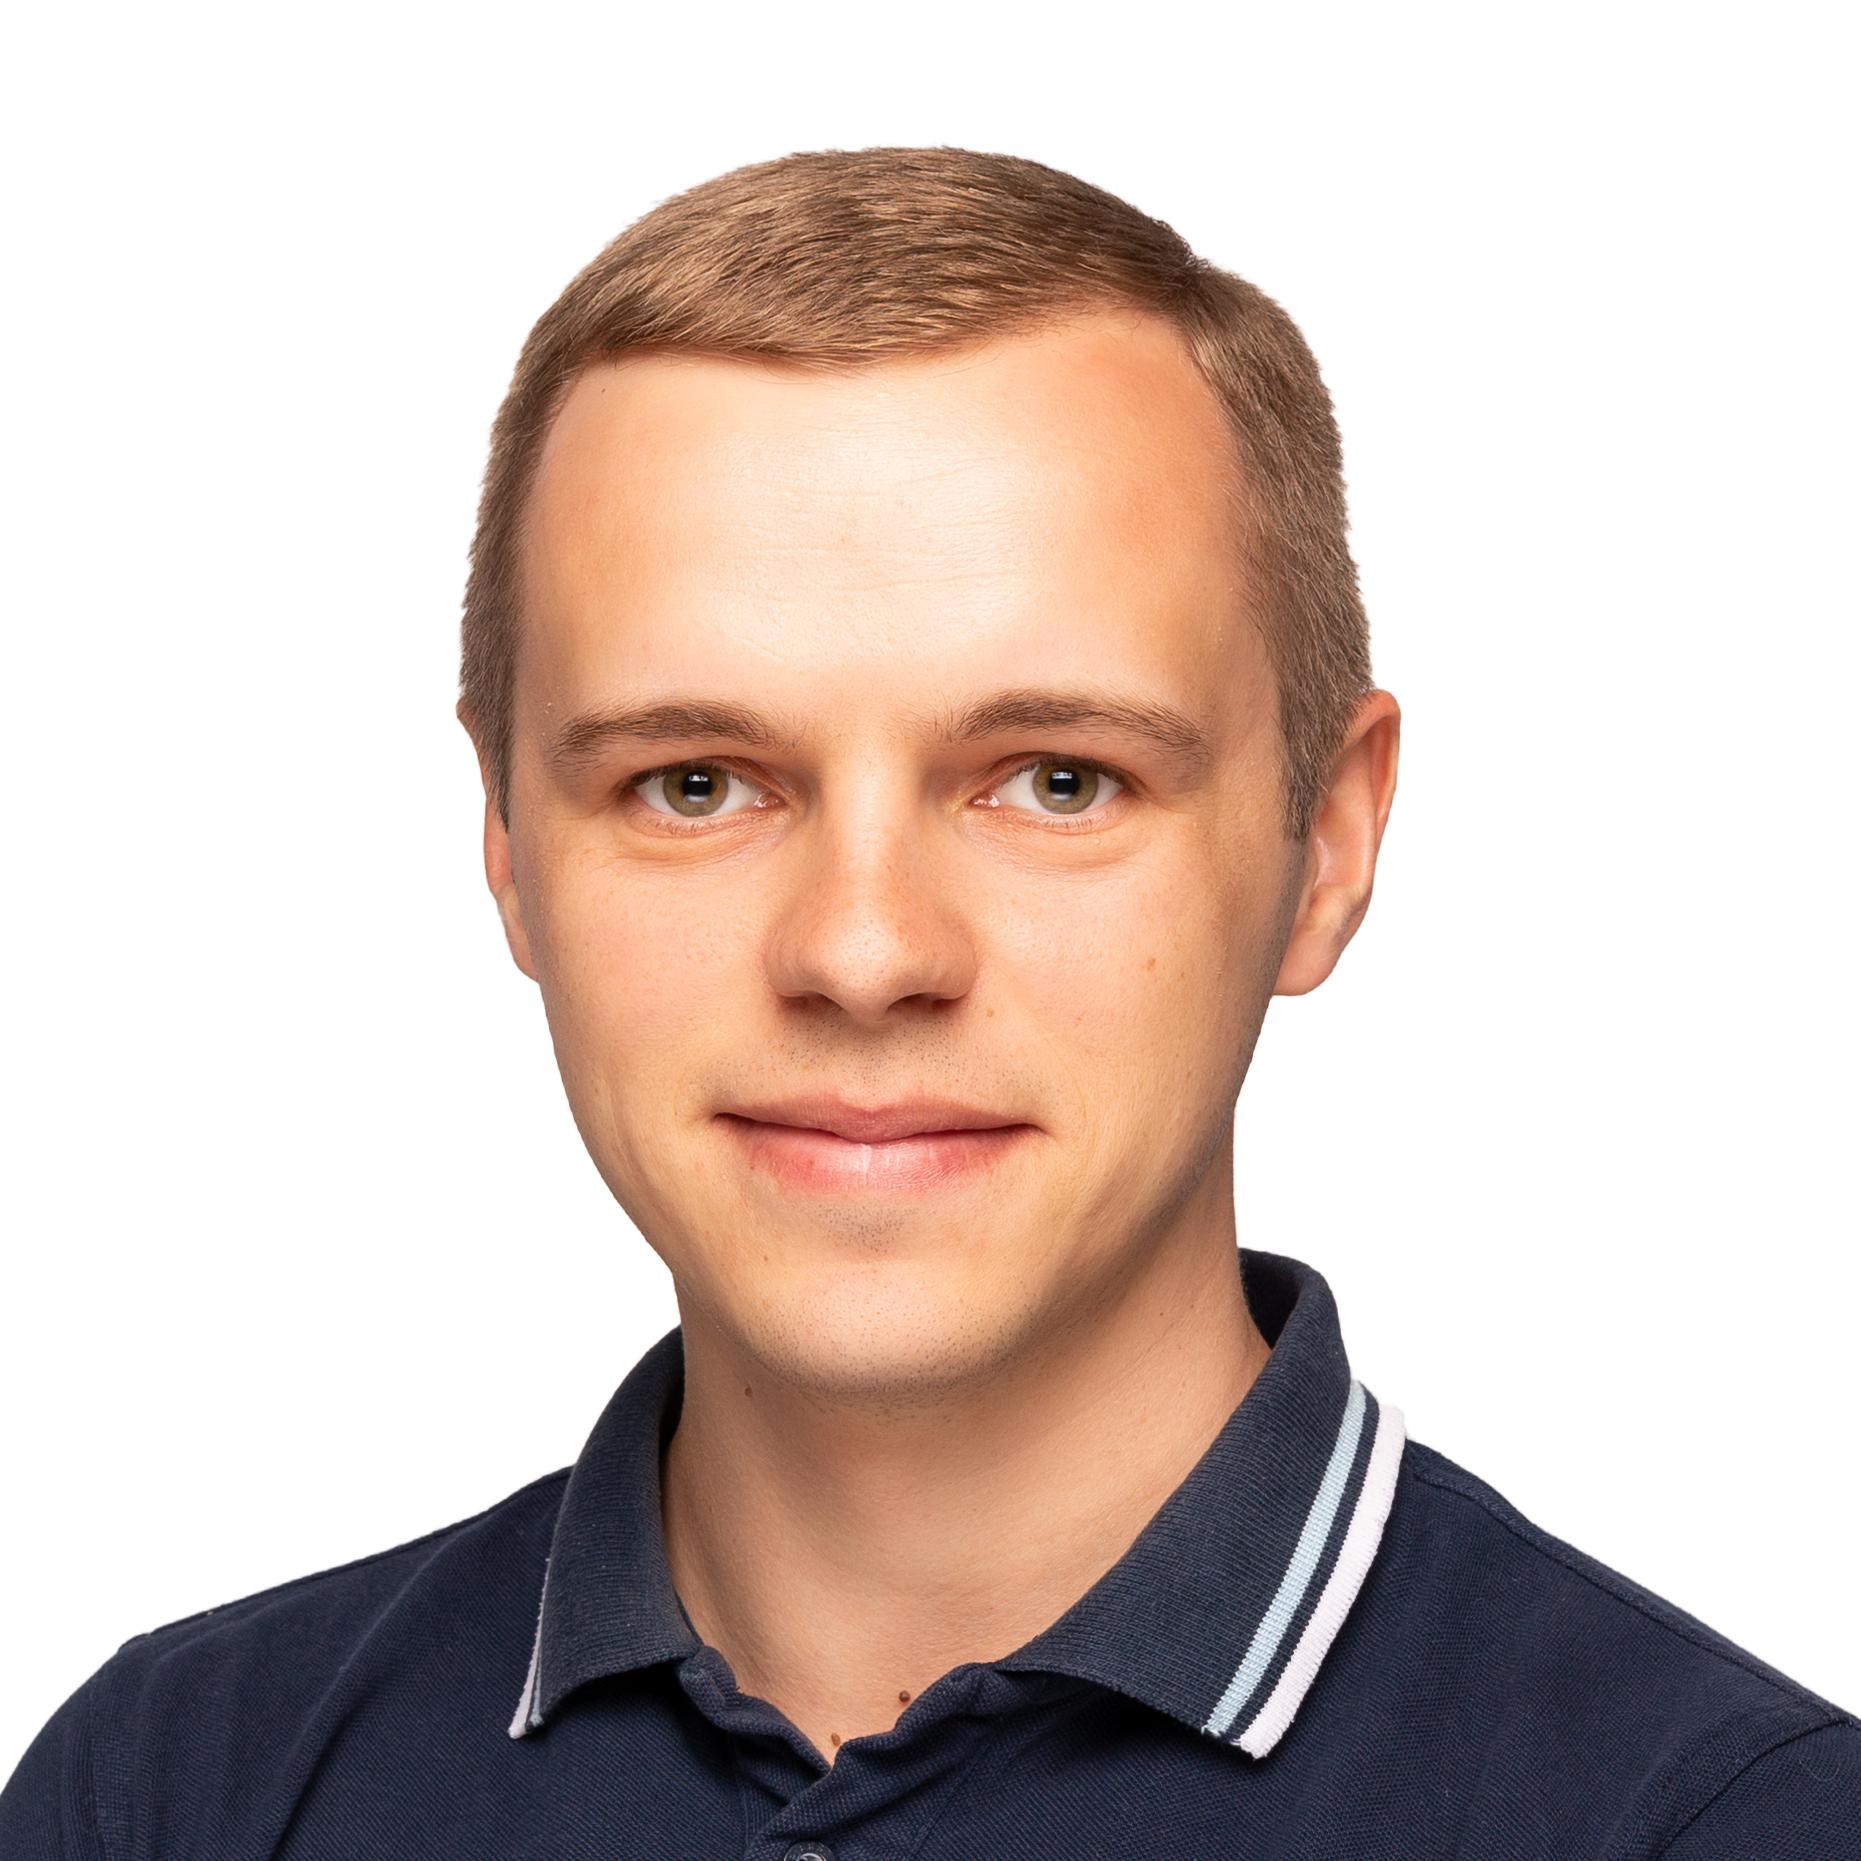 Česlav Tatul